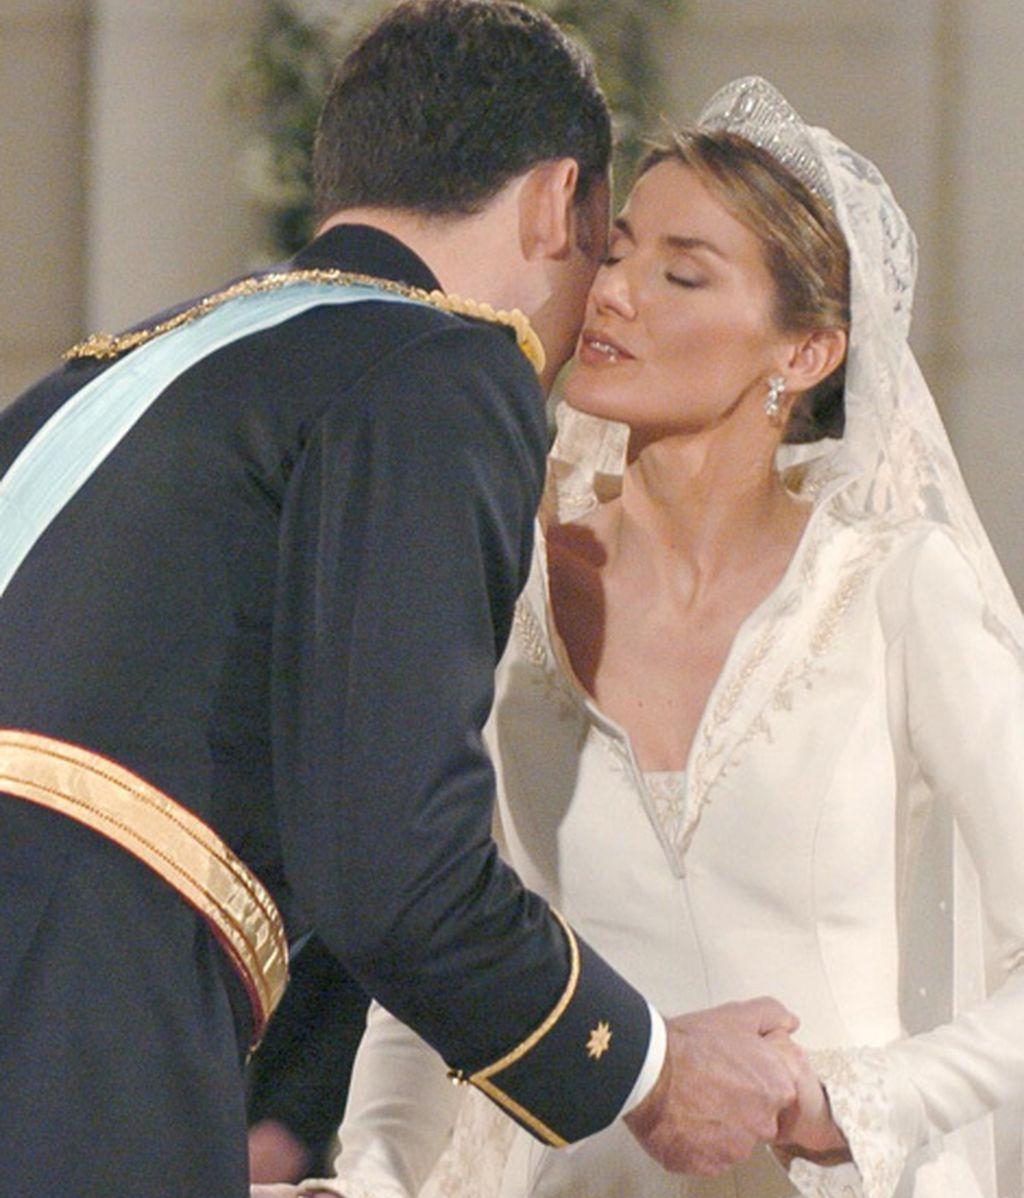 La boda (22 de mayo de 2004)